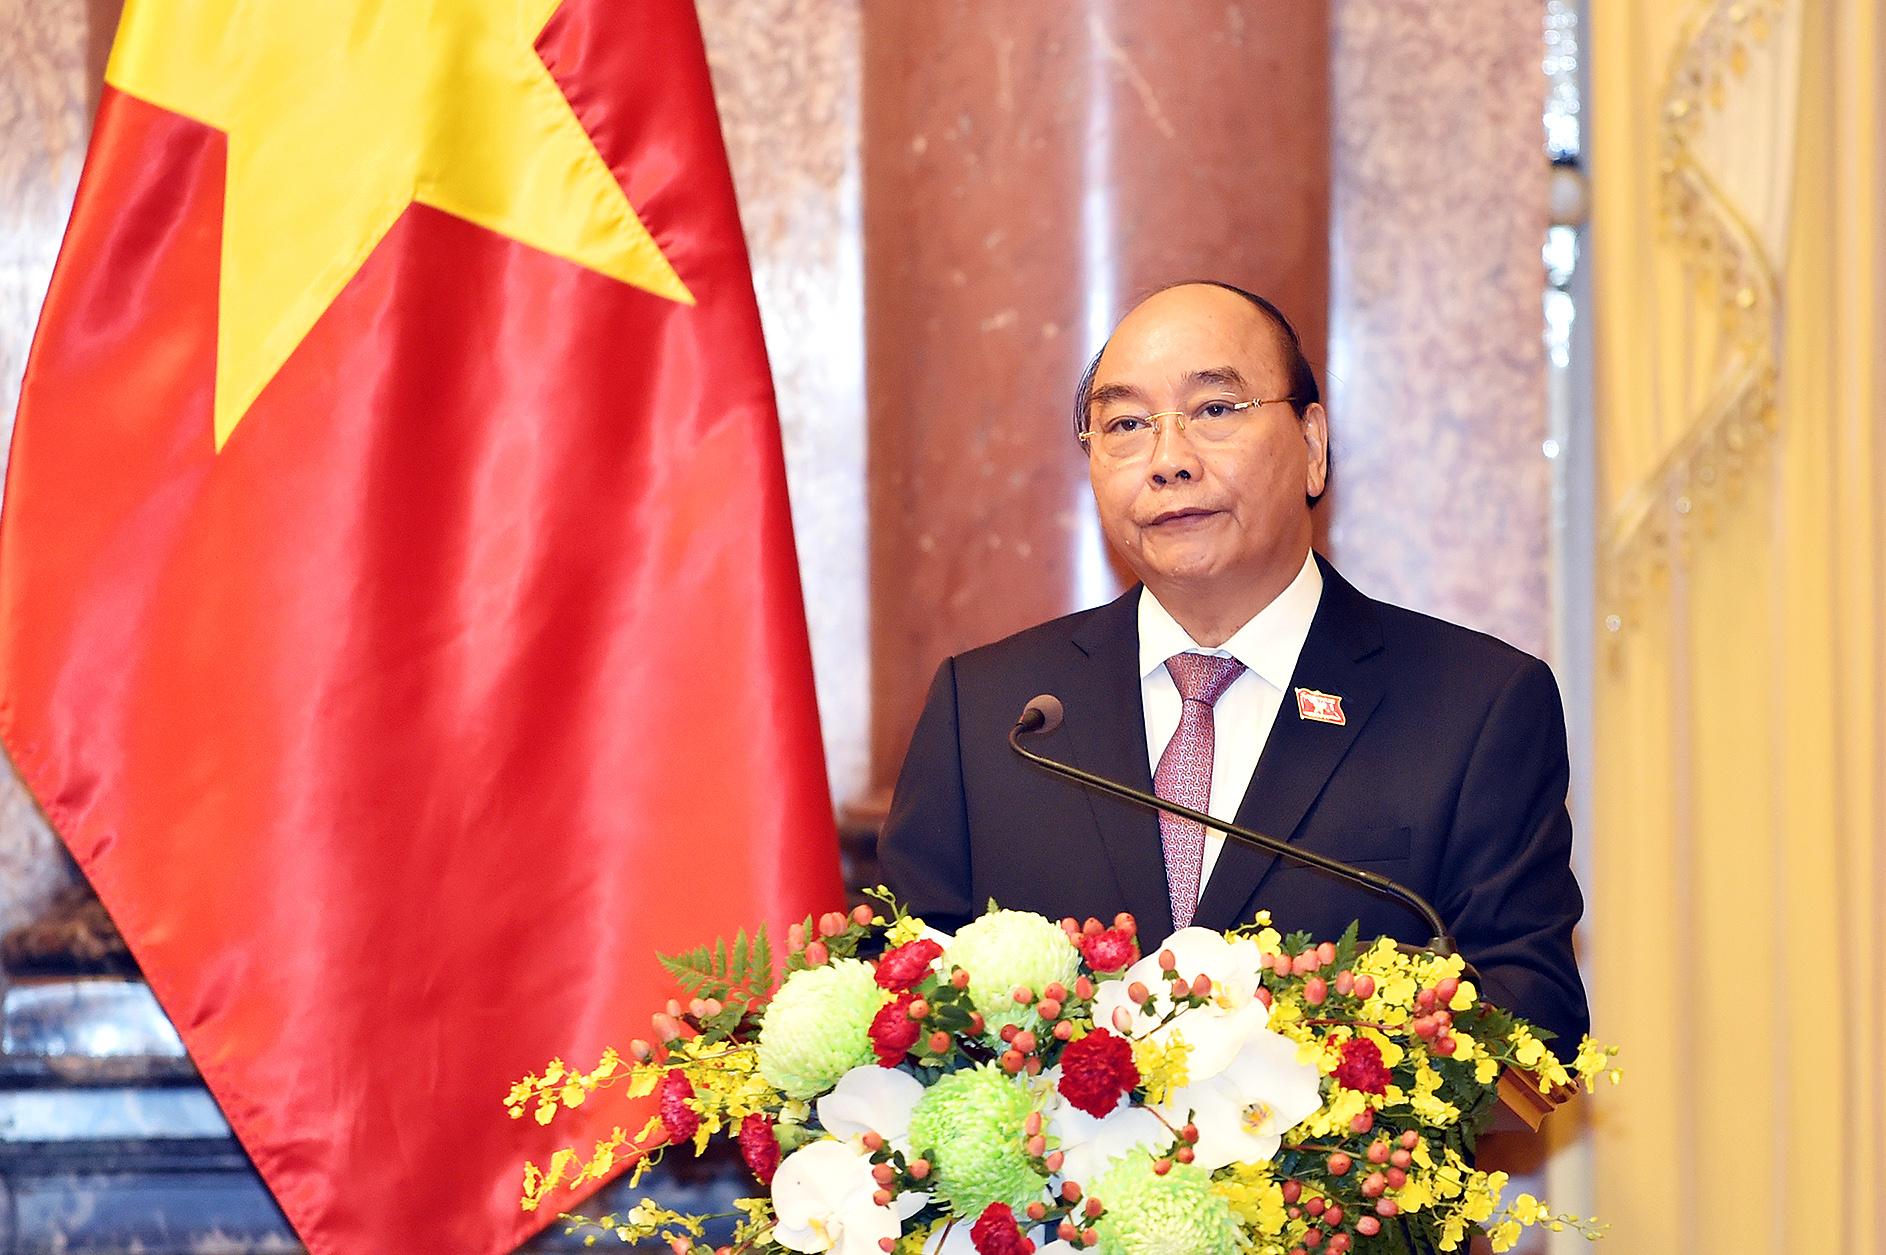 Chủ tịch nước: Chính phủ sẽ đẩy lùi đại dịch, sớm đưa đất nước trở về 'trạng thái bình thường mới' - Ảnh 2.